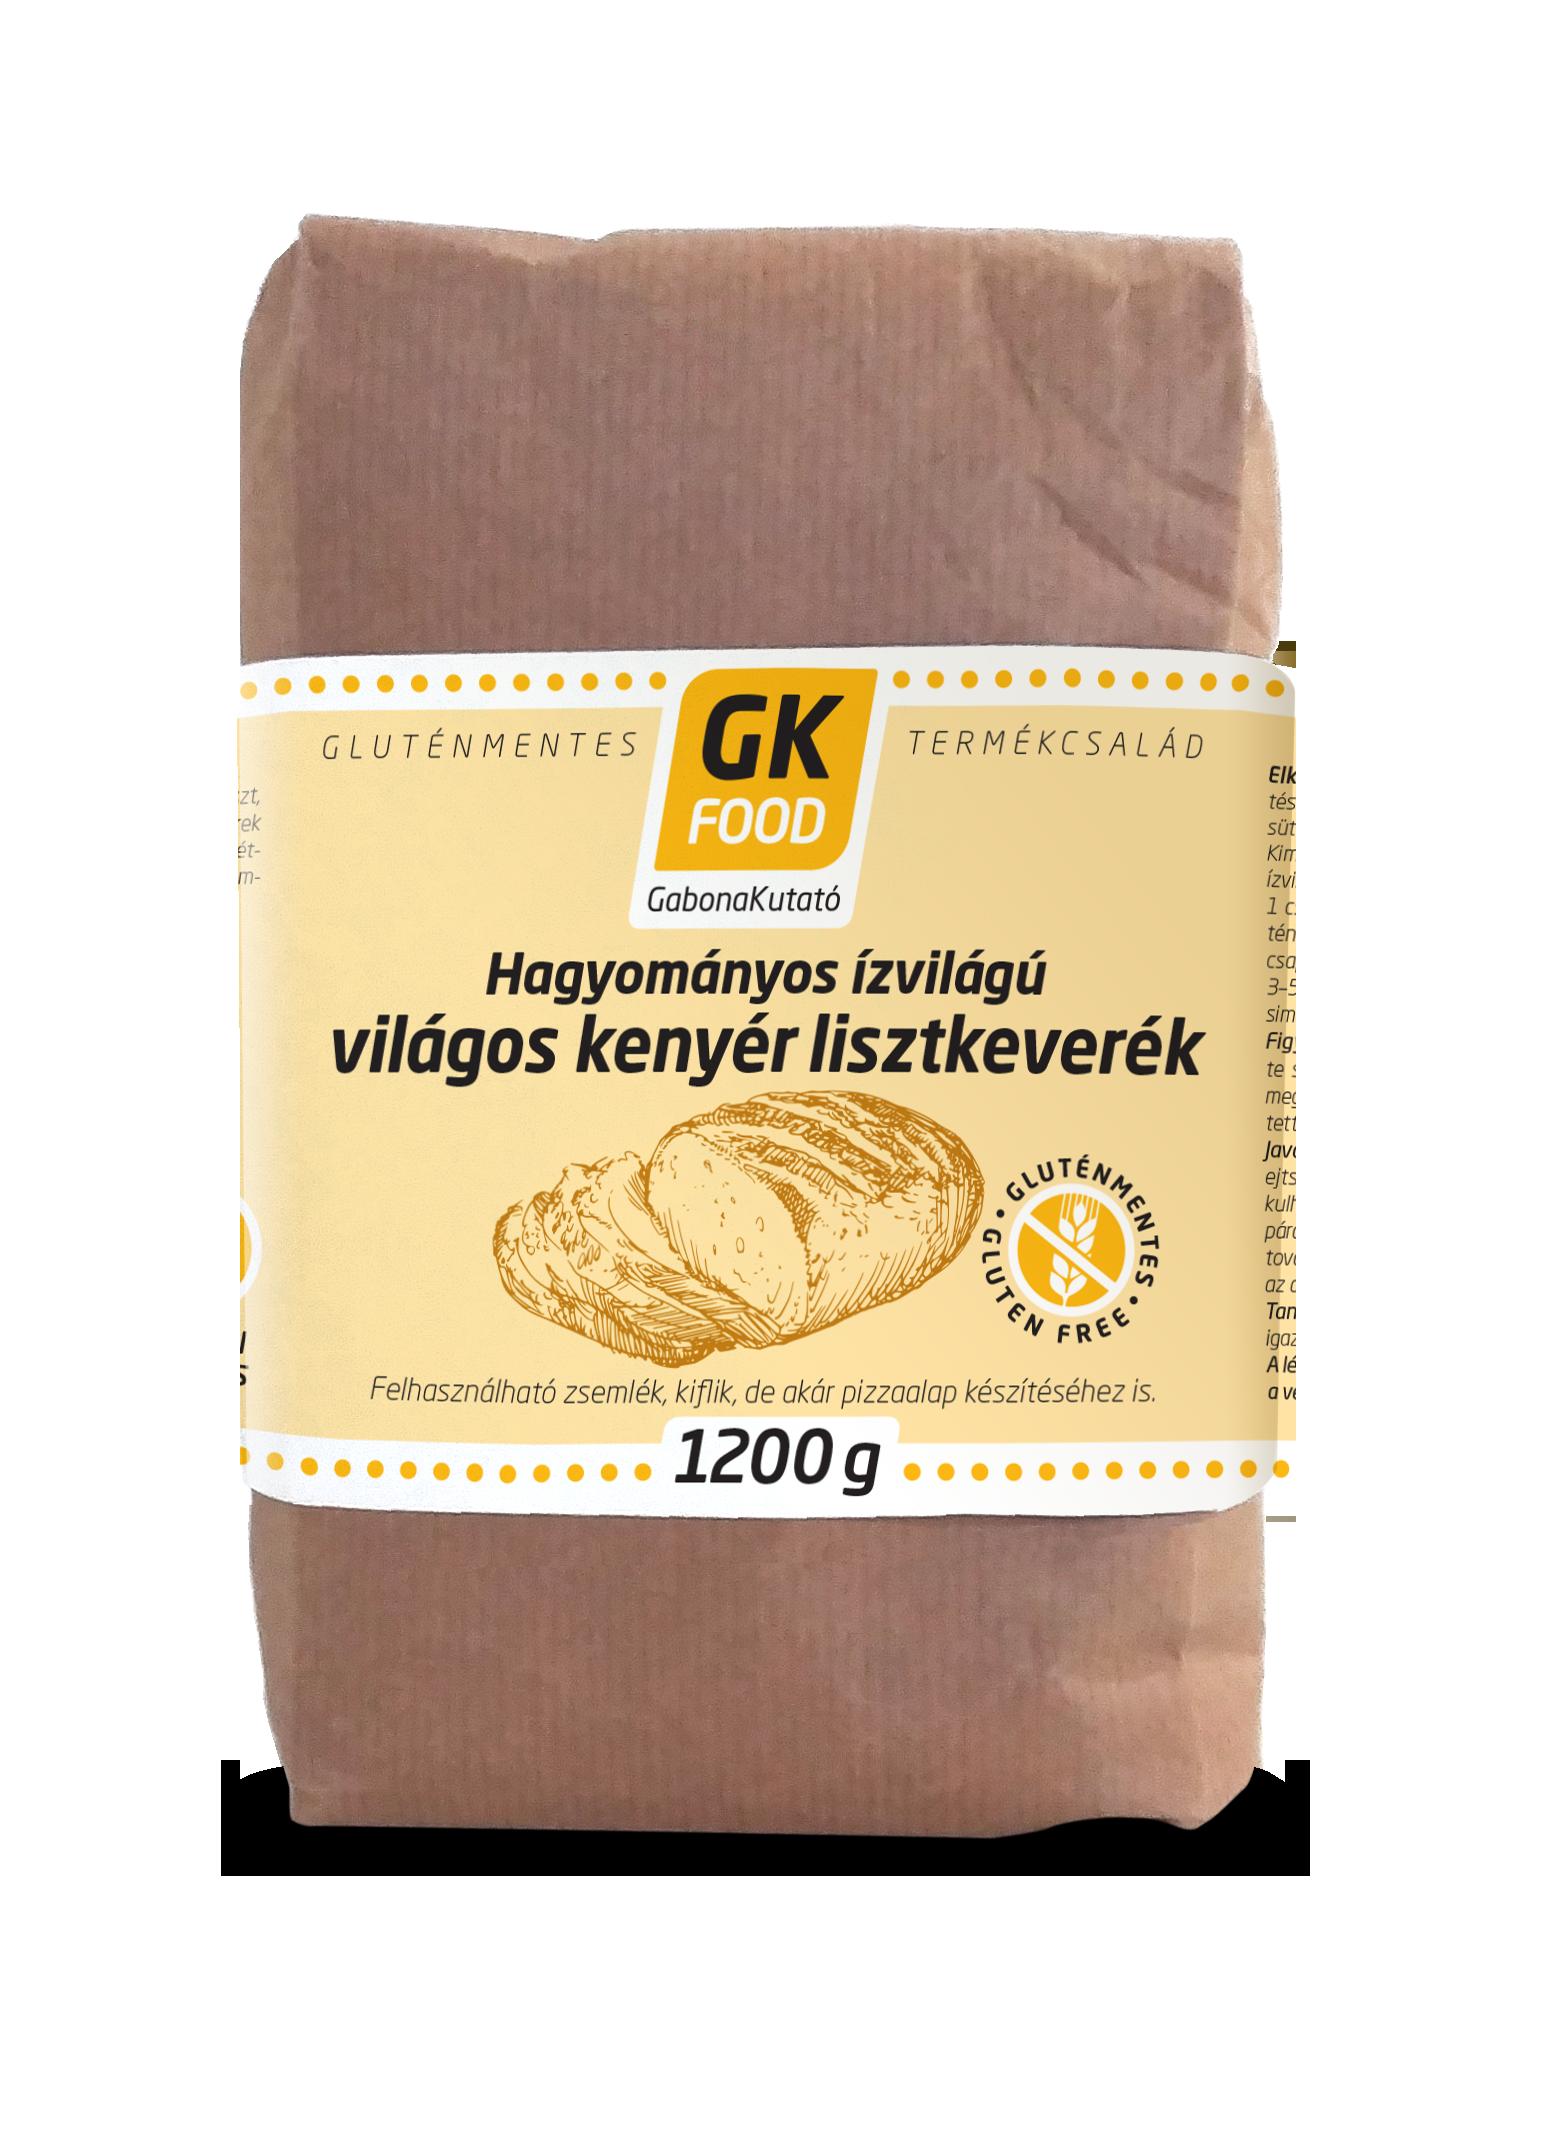 GK Food világos kenyérliszt